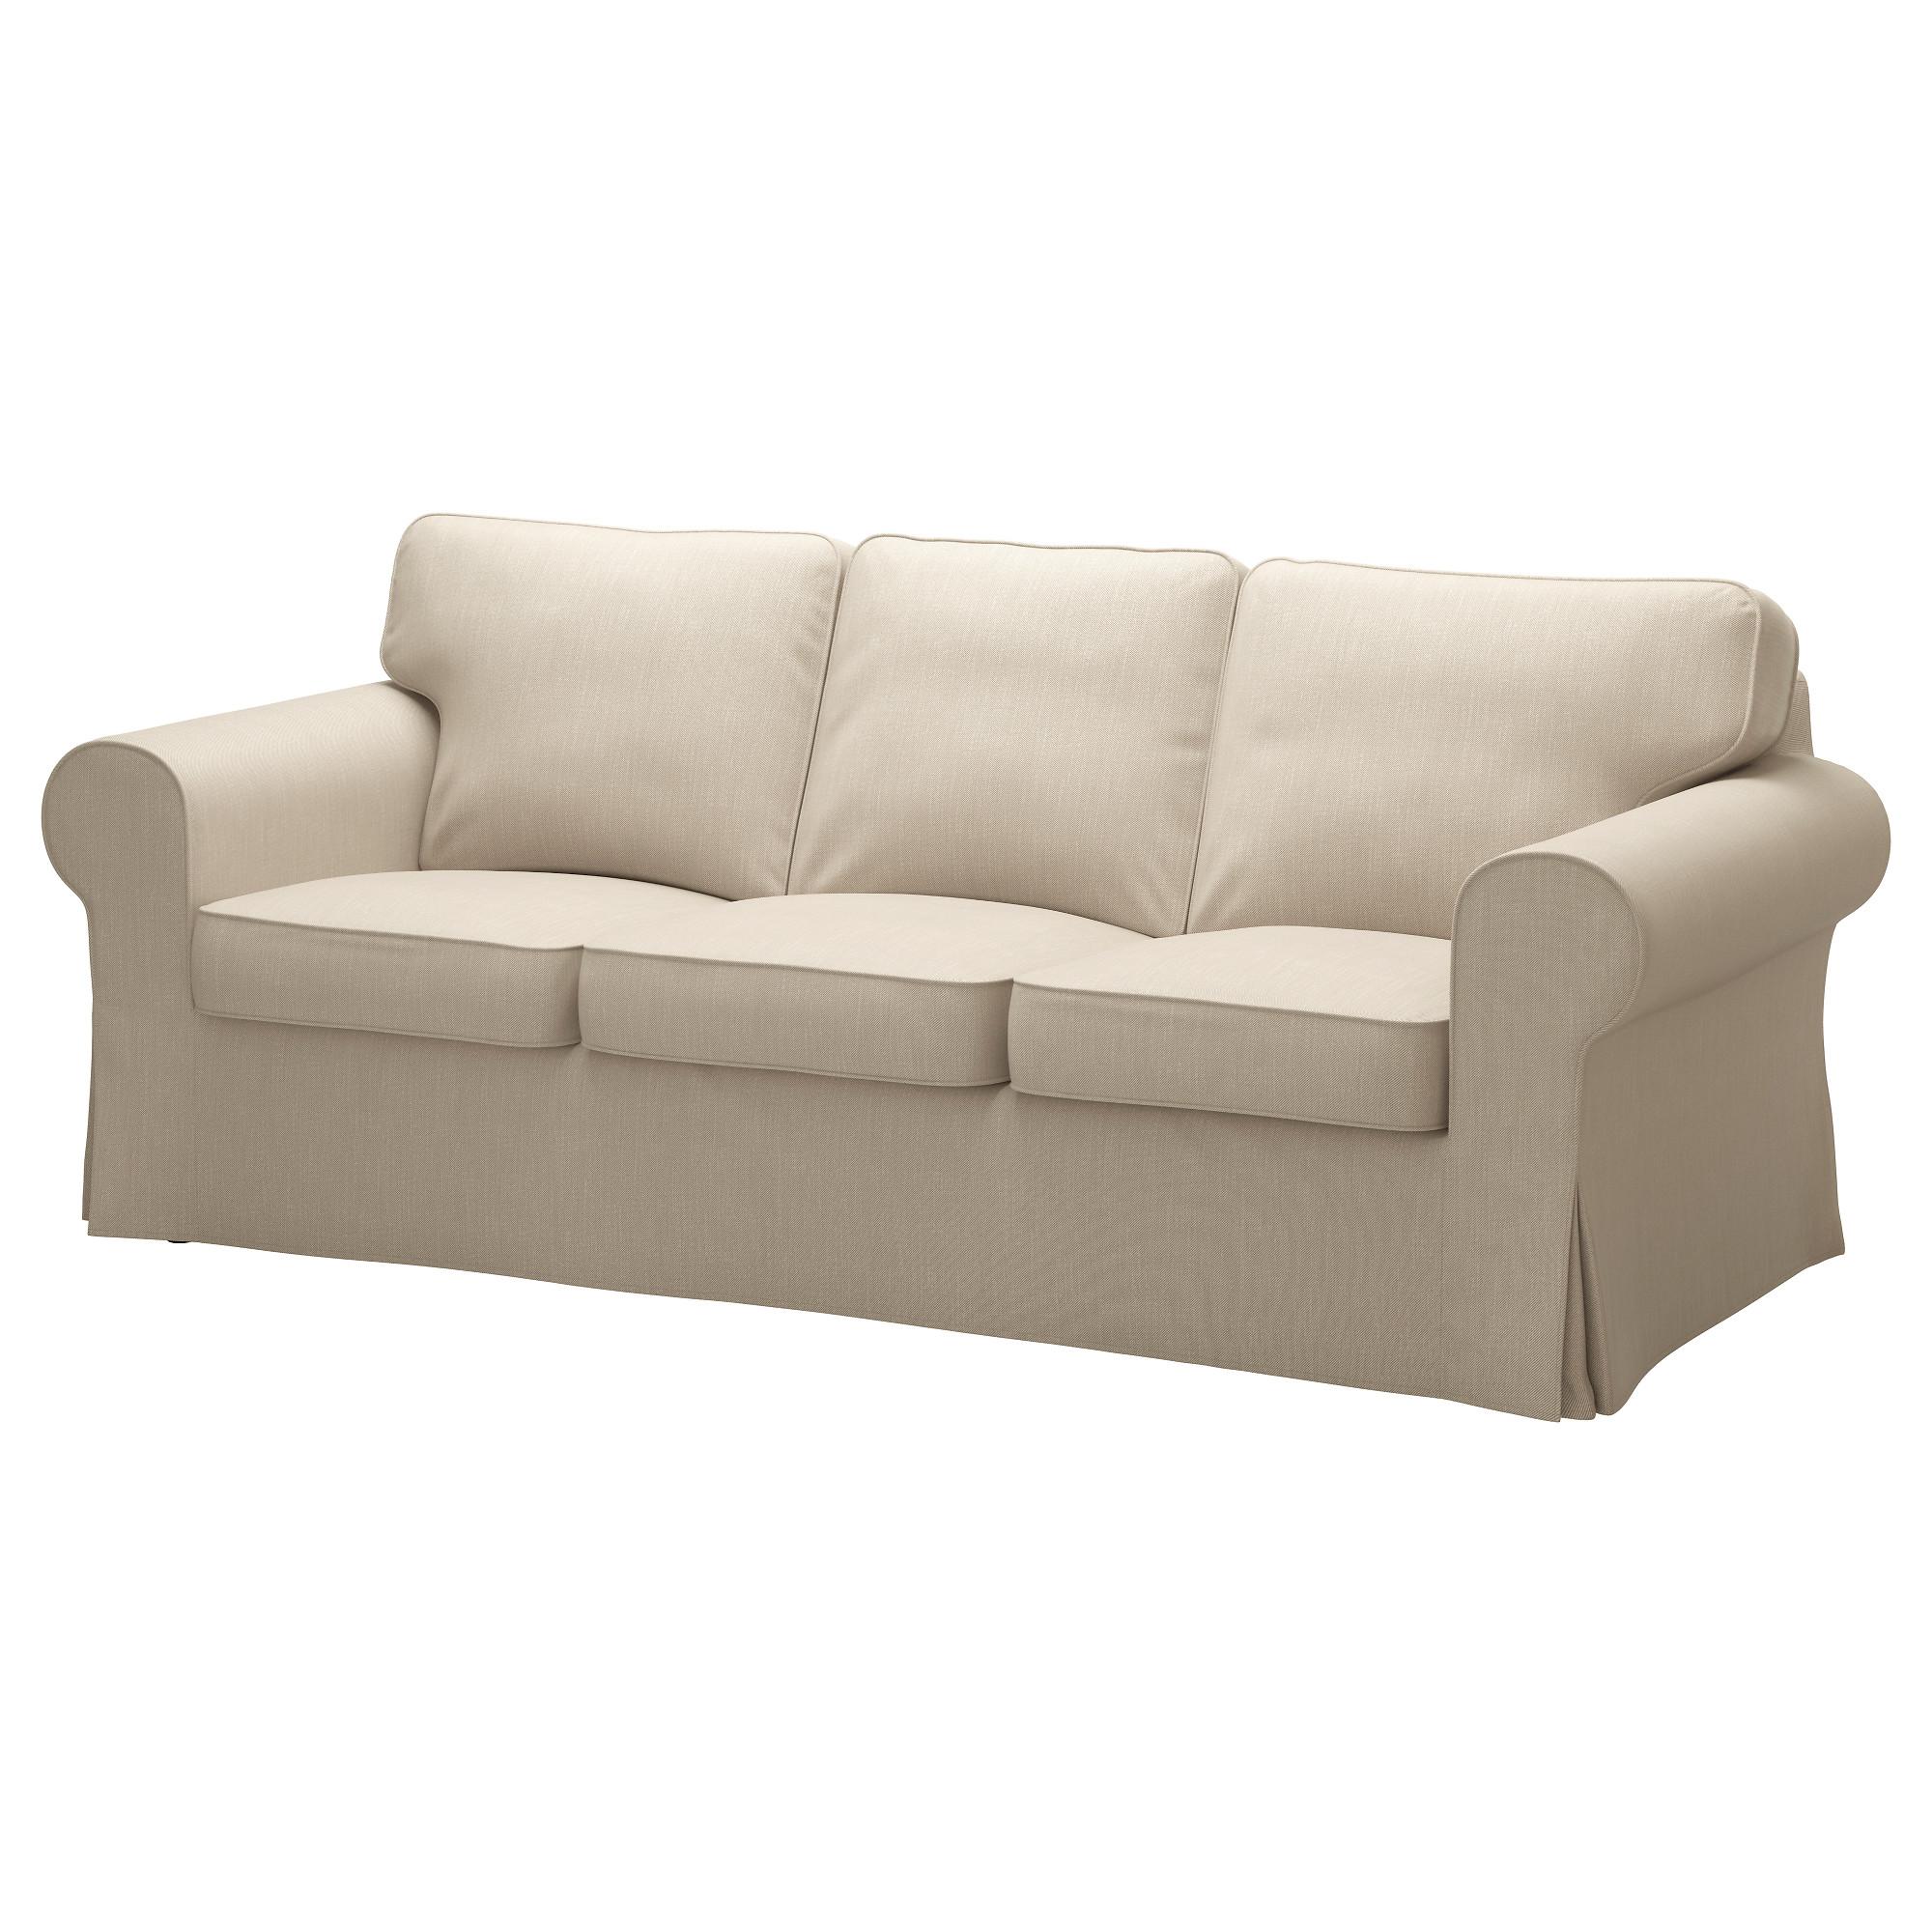 ektorp sofa - lofallet beige - ikea AVZXDJO